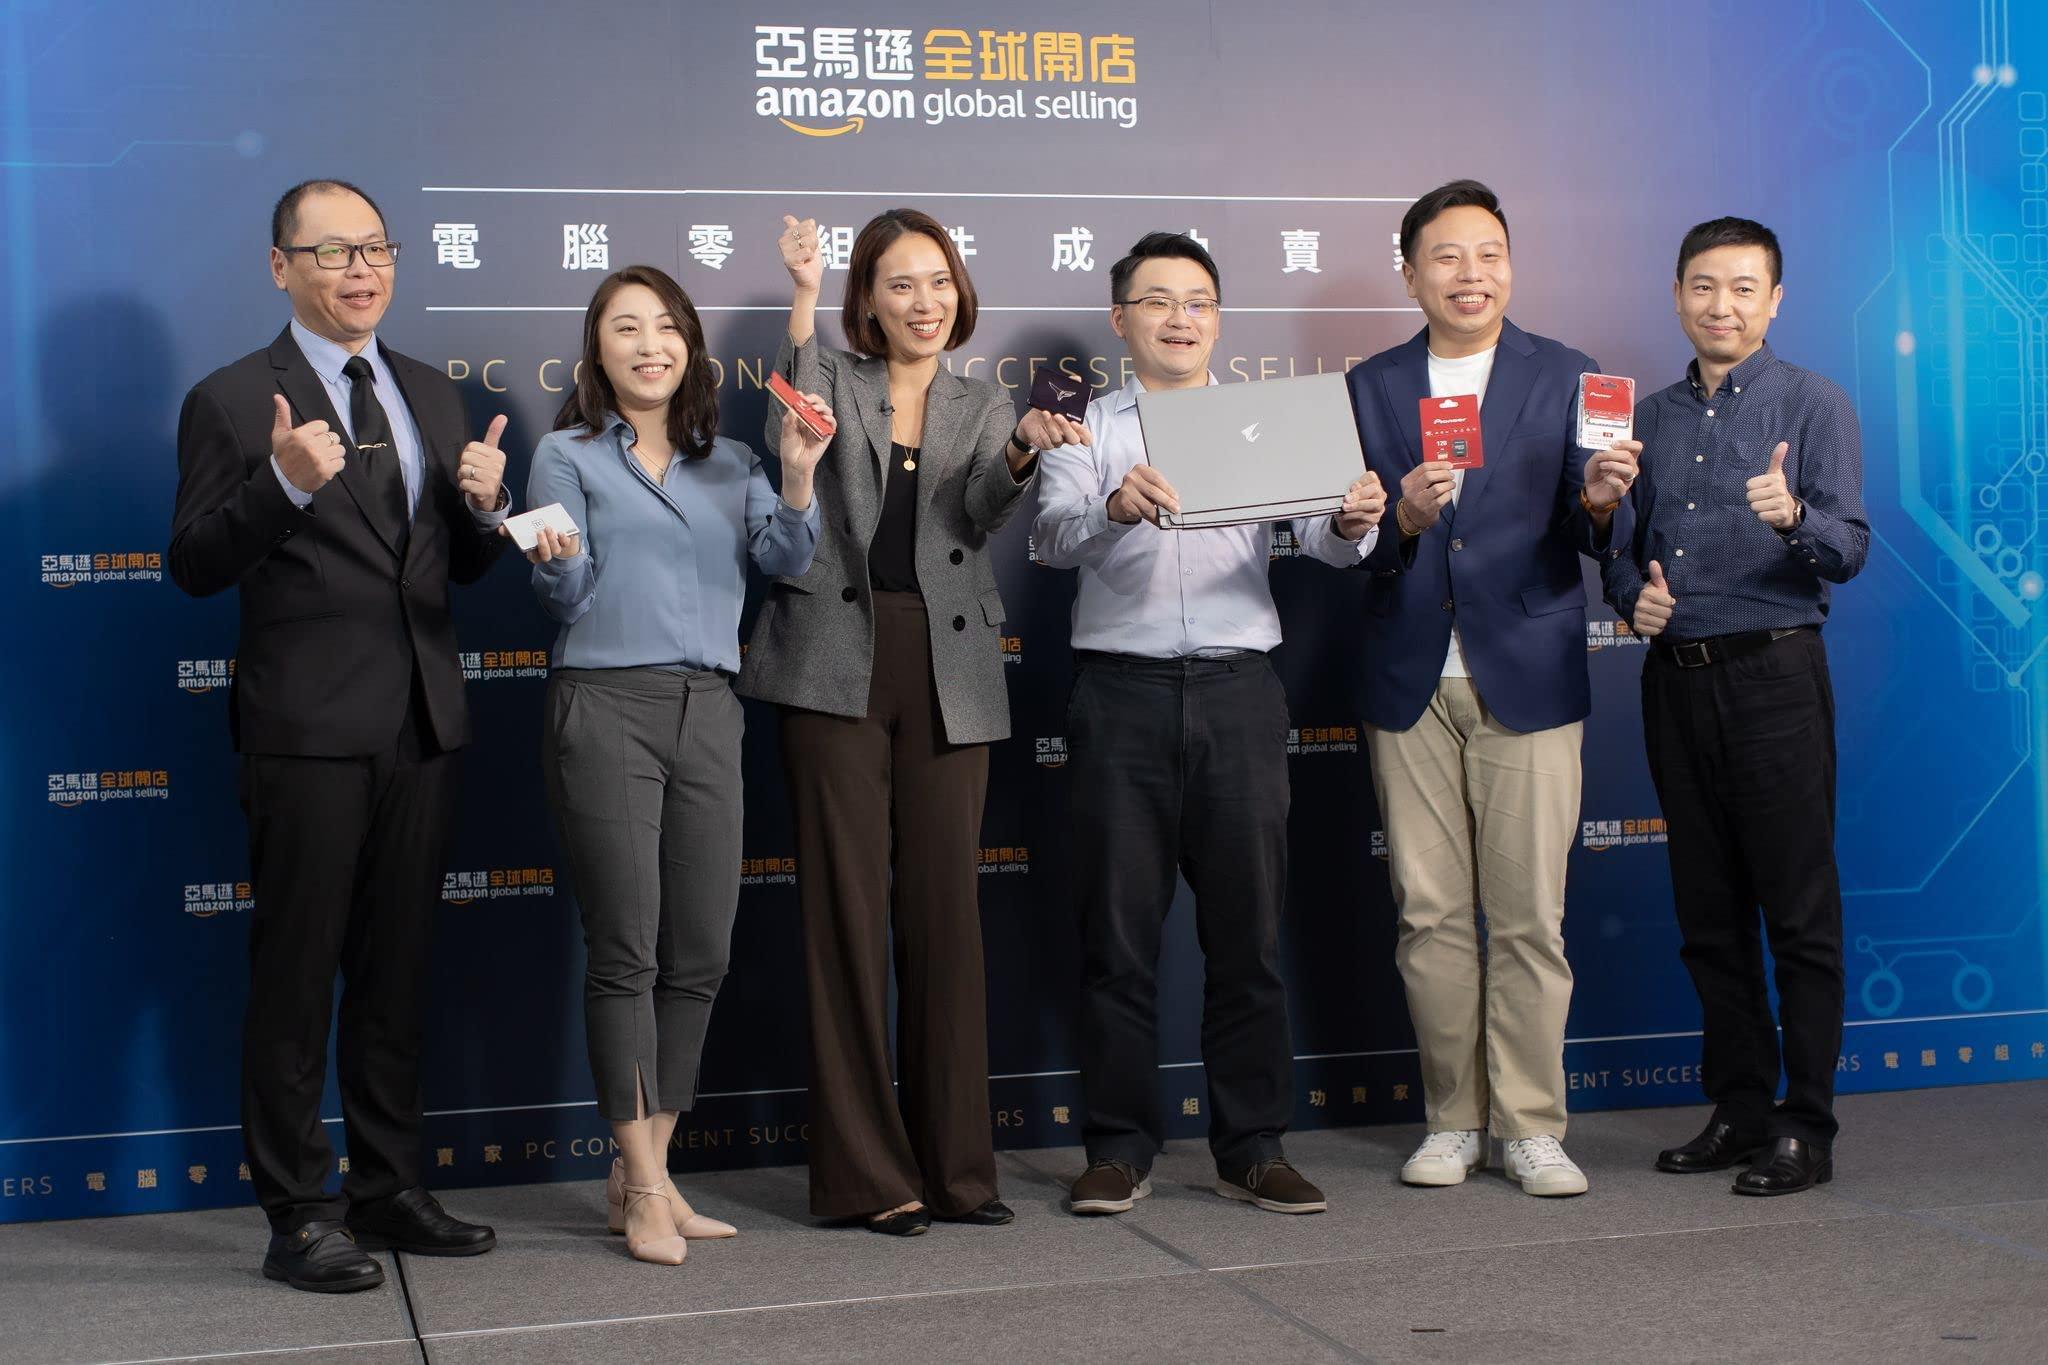 製造在台灣  品牌耀全球計畫